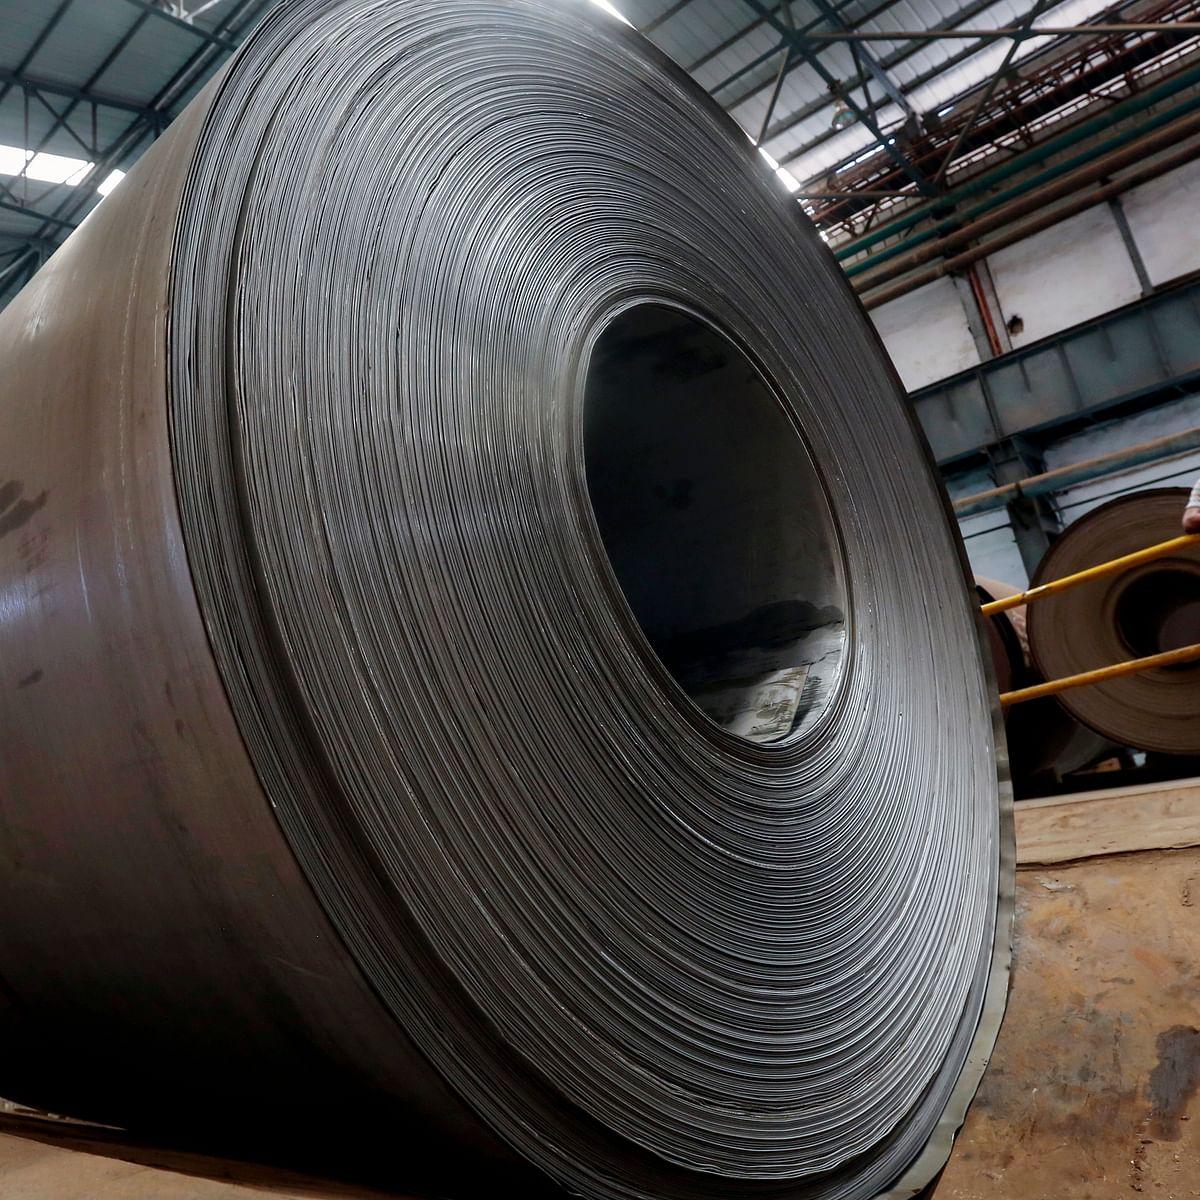 NCLAT Dismisses Appeal Against Carval's Resolution Plan For Uttam Value Steels